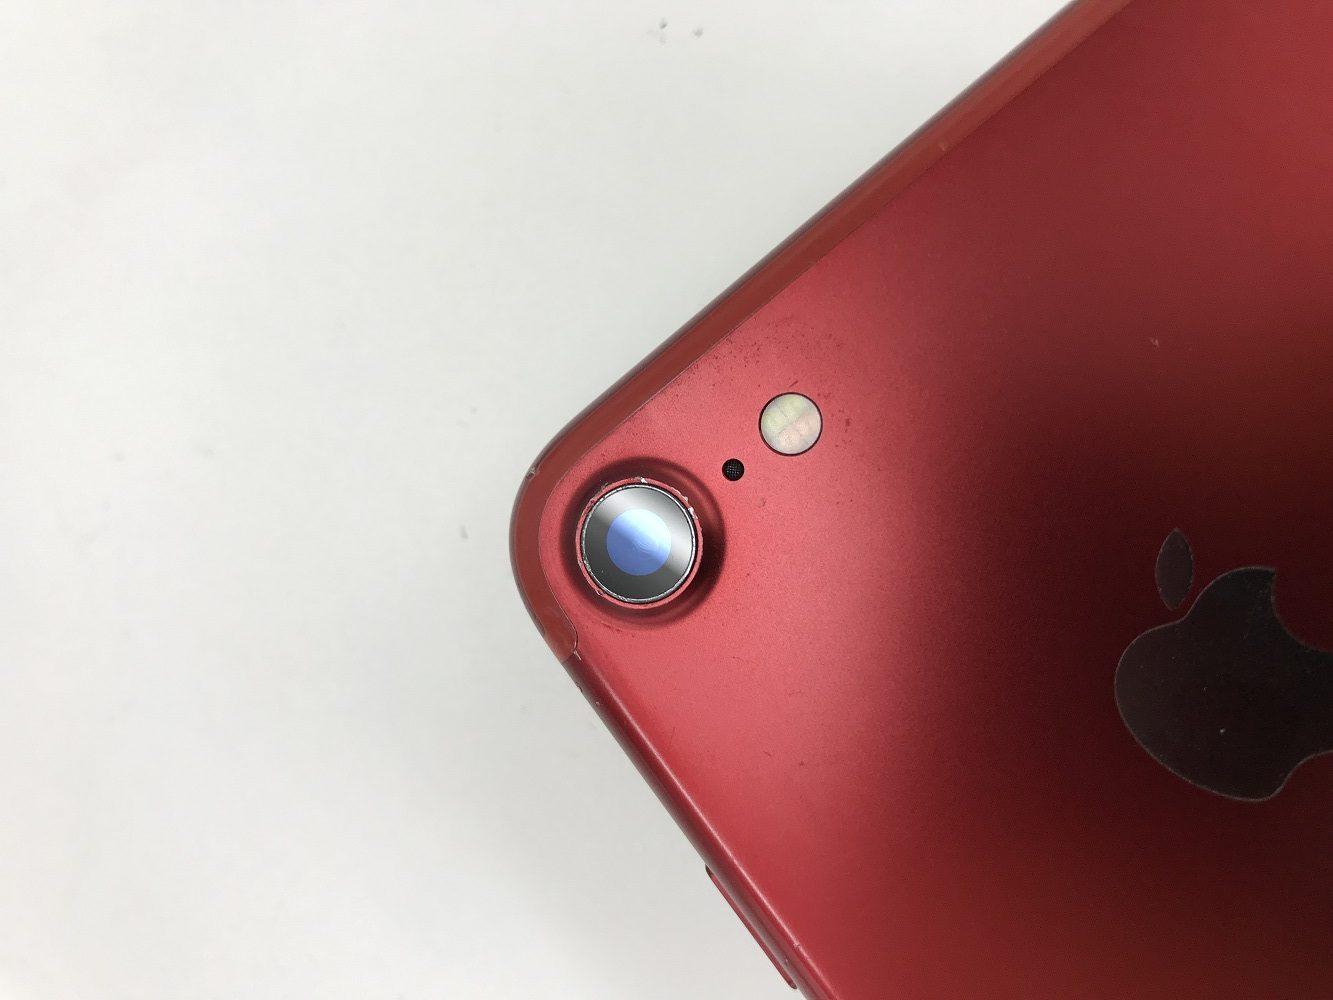 アイフォン7 カメラレンズ交換 交換後